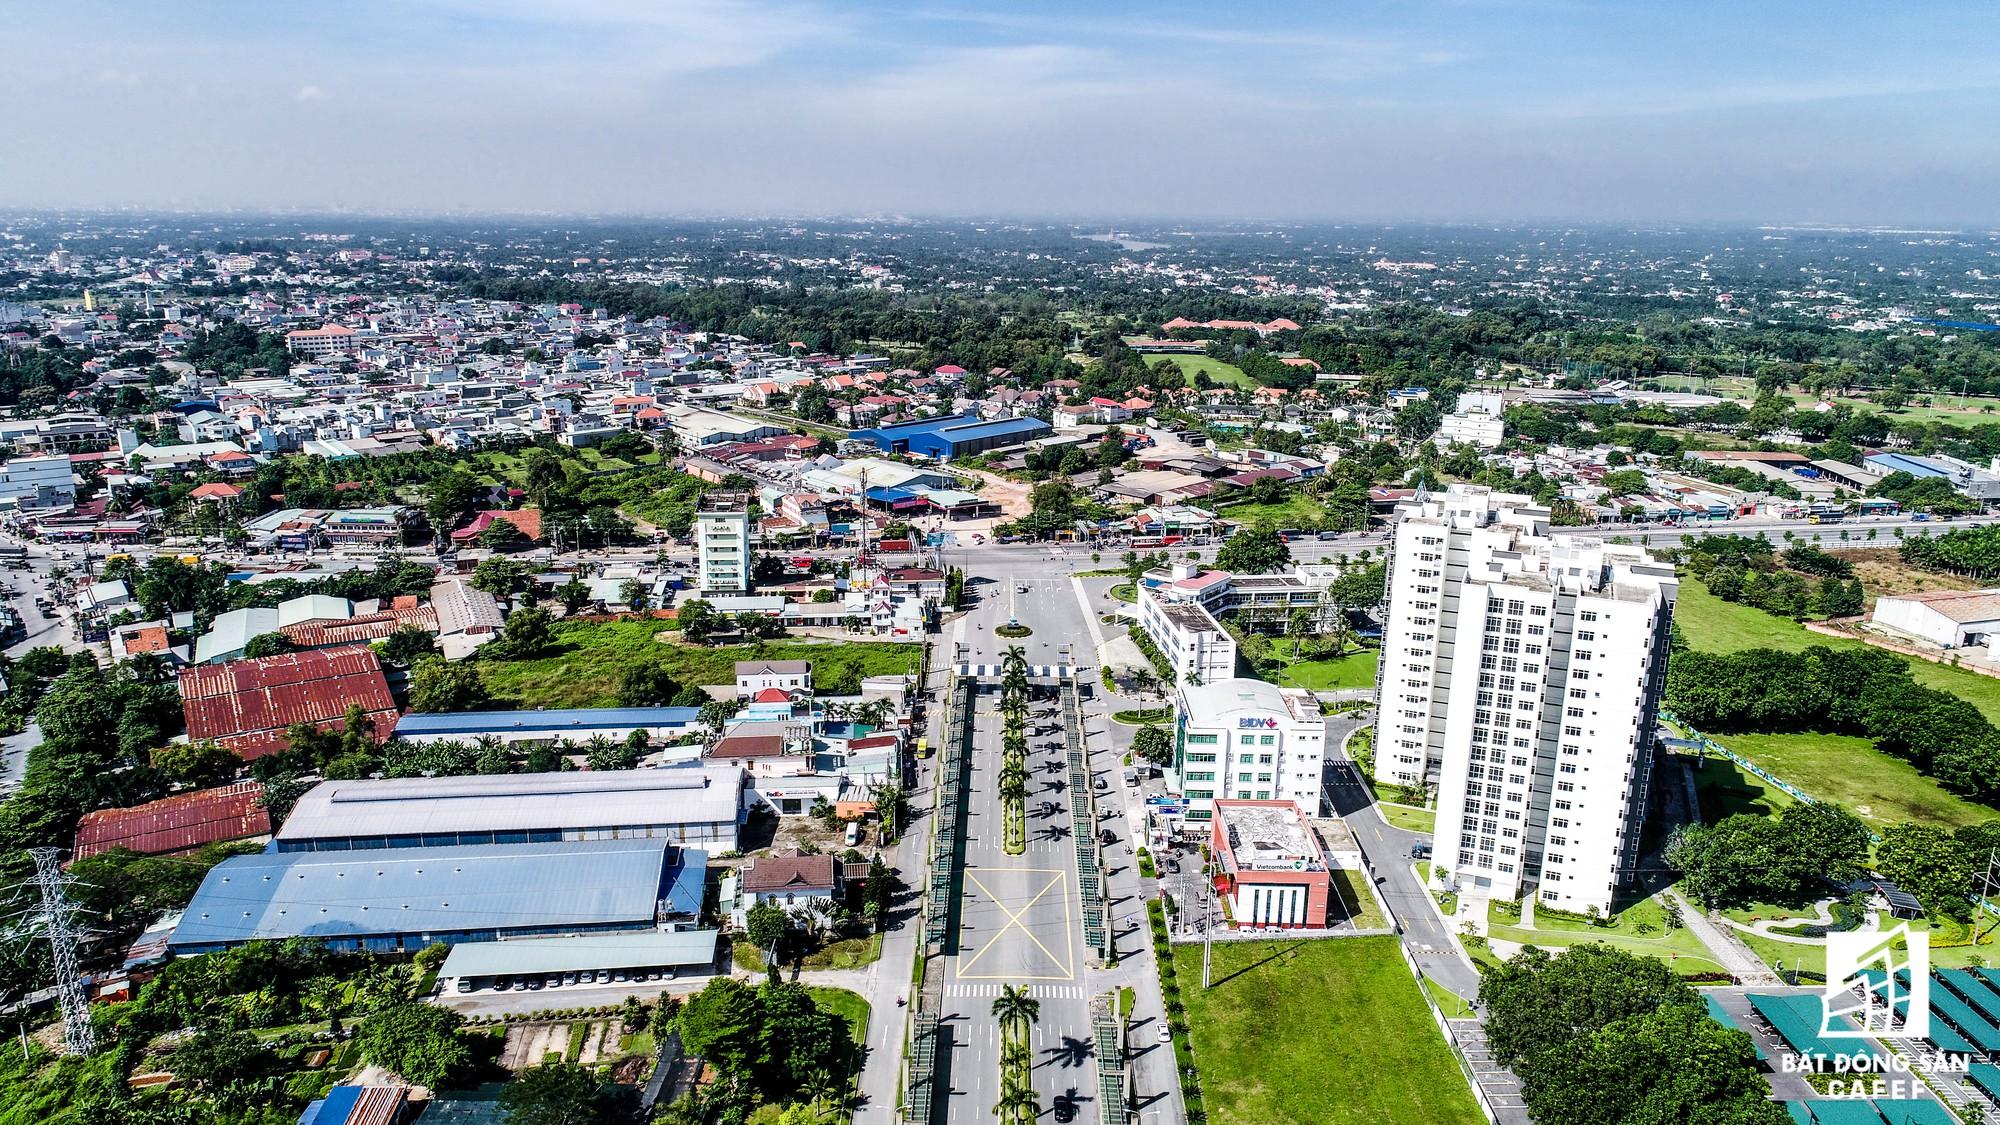 Trên địa bàn tỉnh Bình Dương, doanh nghiệp này còn đầu tư một số KCN có quy mô diện tích đất lớn khác như KCN Mỹ Phước, KCN Bàu Bàng...